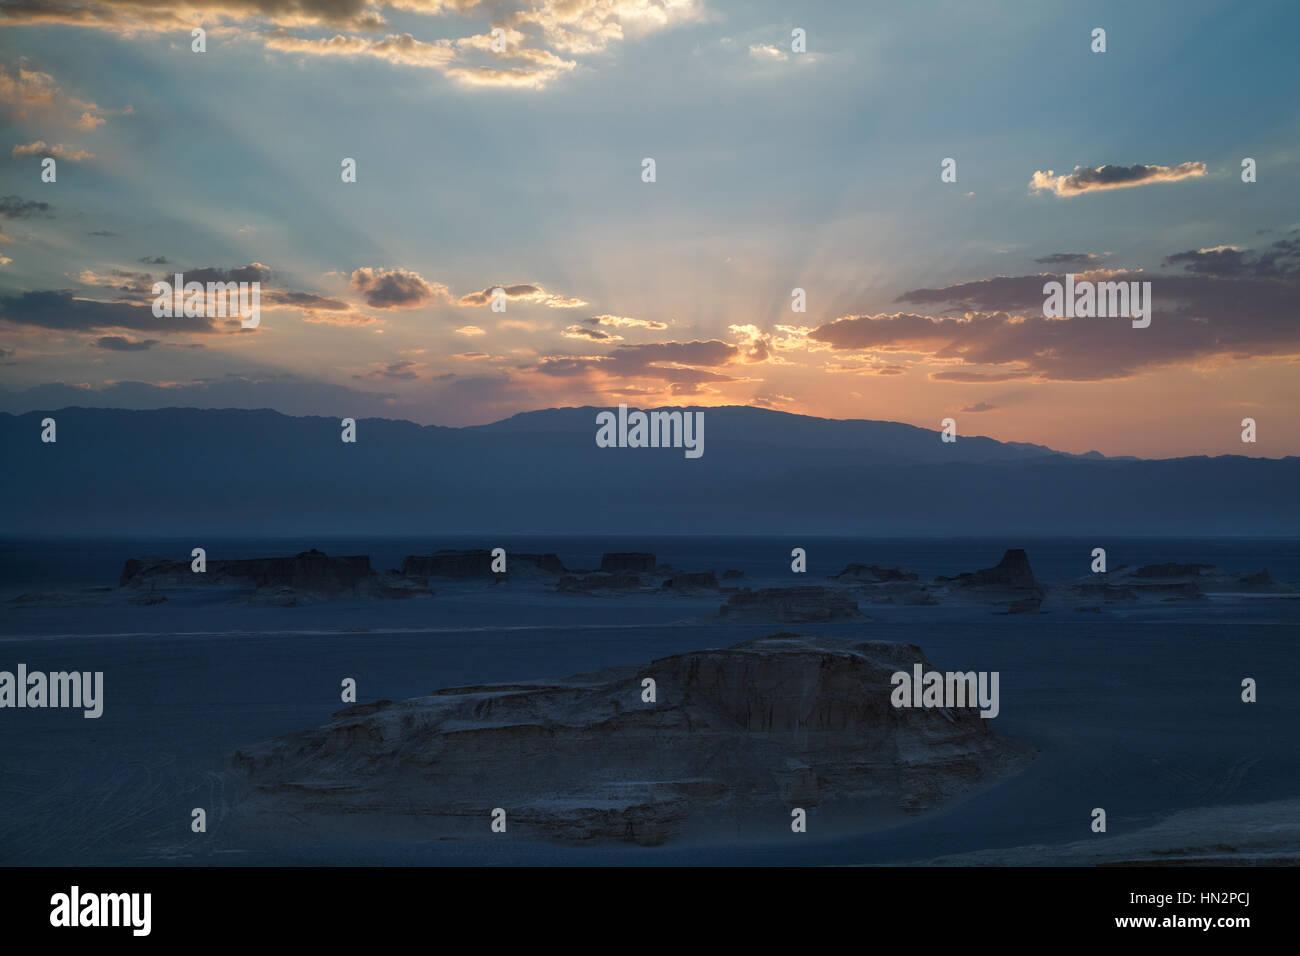 Dasht-e Loot desert at sunset, Kerman province, Iran - Stock Image